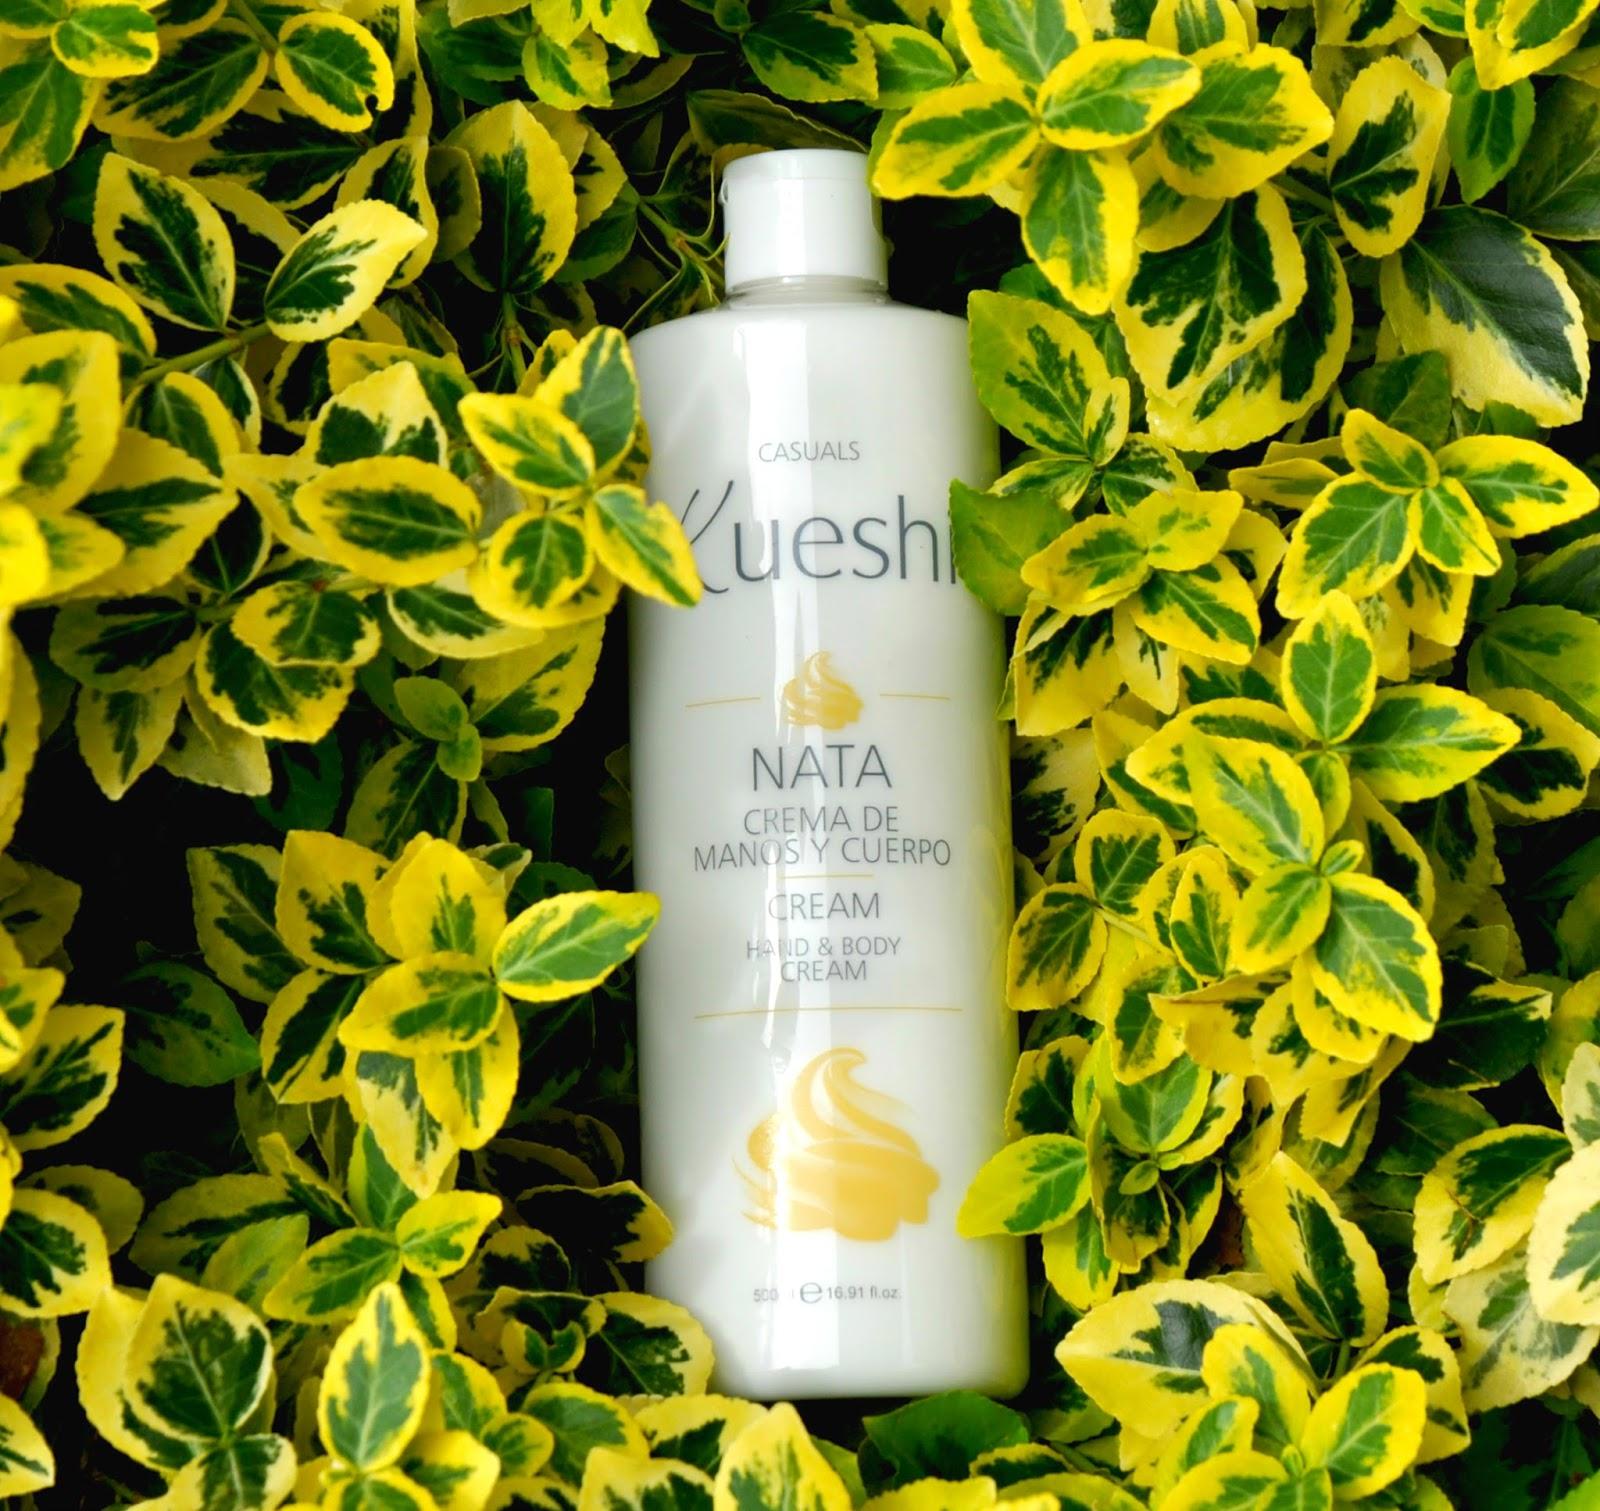 KUESHI - NAWILŻAJĄCY BALSAM DO CIAŁA - jest szybko wchłaniany przez skórę i zapewnia trwały kremowy zapach. Pozostawia skórę miękką, gładką i cudownie pachnącą. Połączenie aloesu i naturalnych olejów działa w głębokich warstwach skóry i utrzymuje nawilżenie przez cały dzień. Produkt naturalny, nie zawiera parabenów i nie jest testowany na zwierzętach.